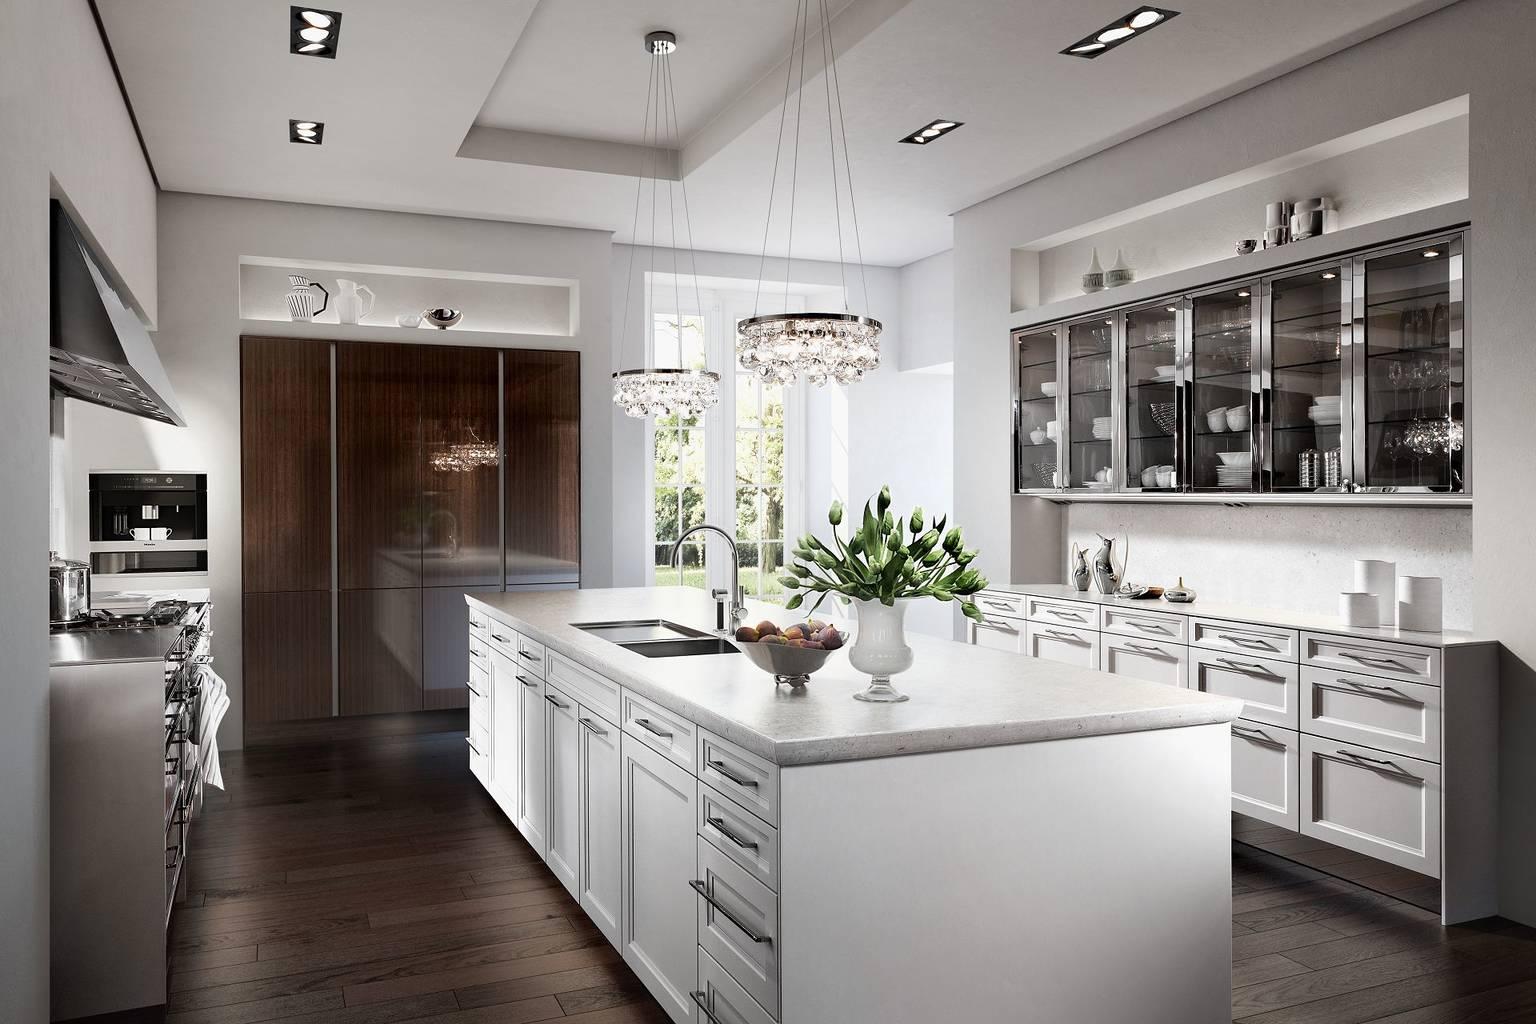 Design Your Own Kitchen Island Online